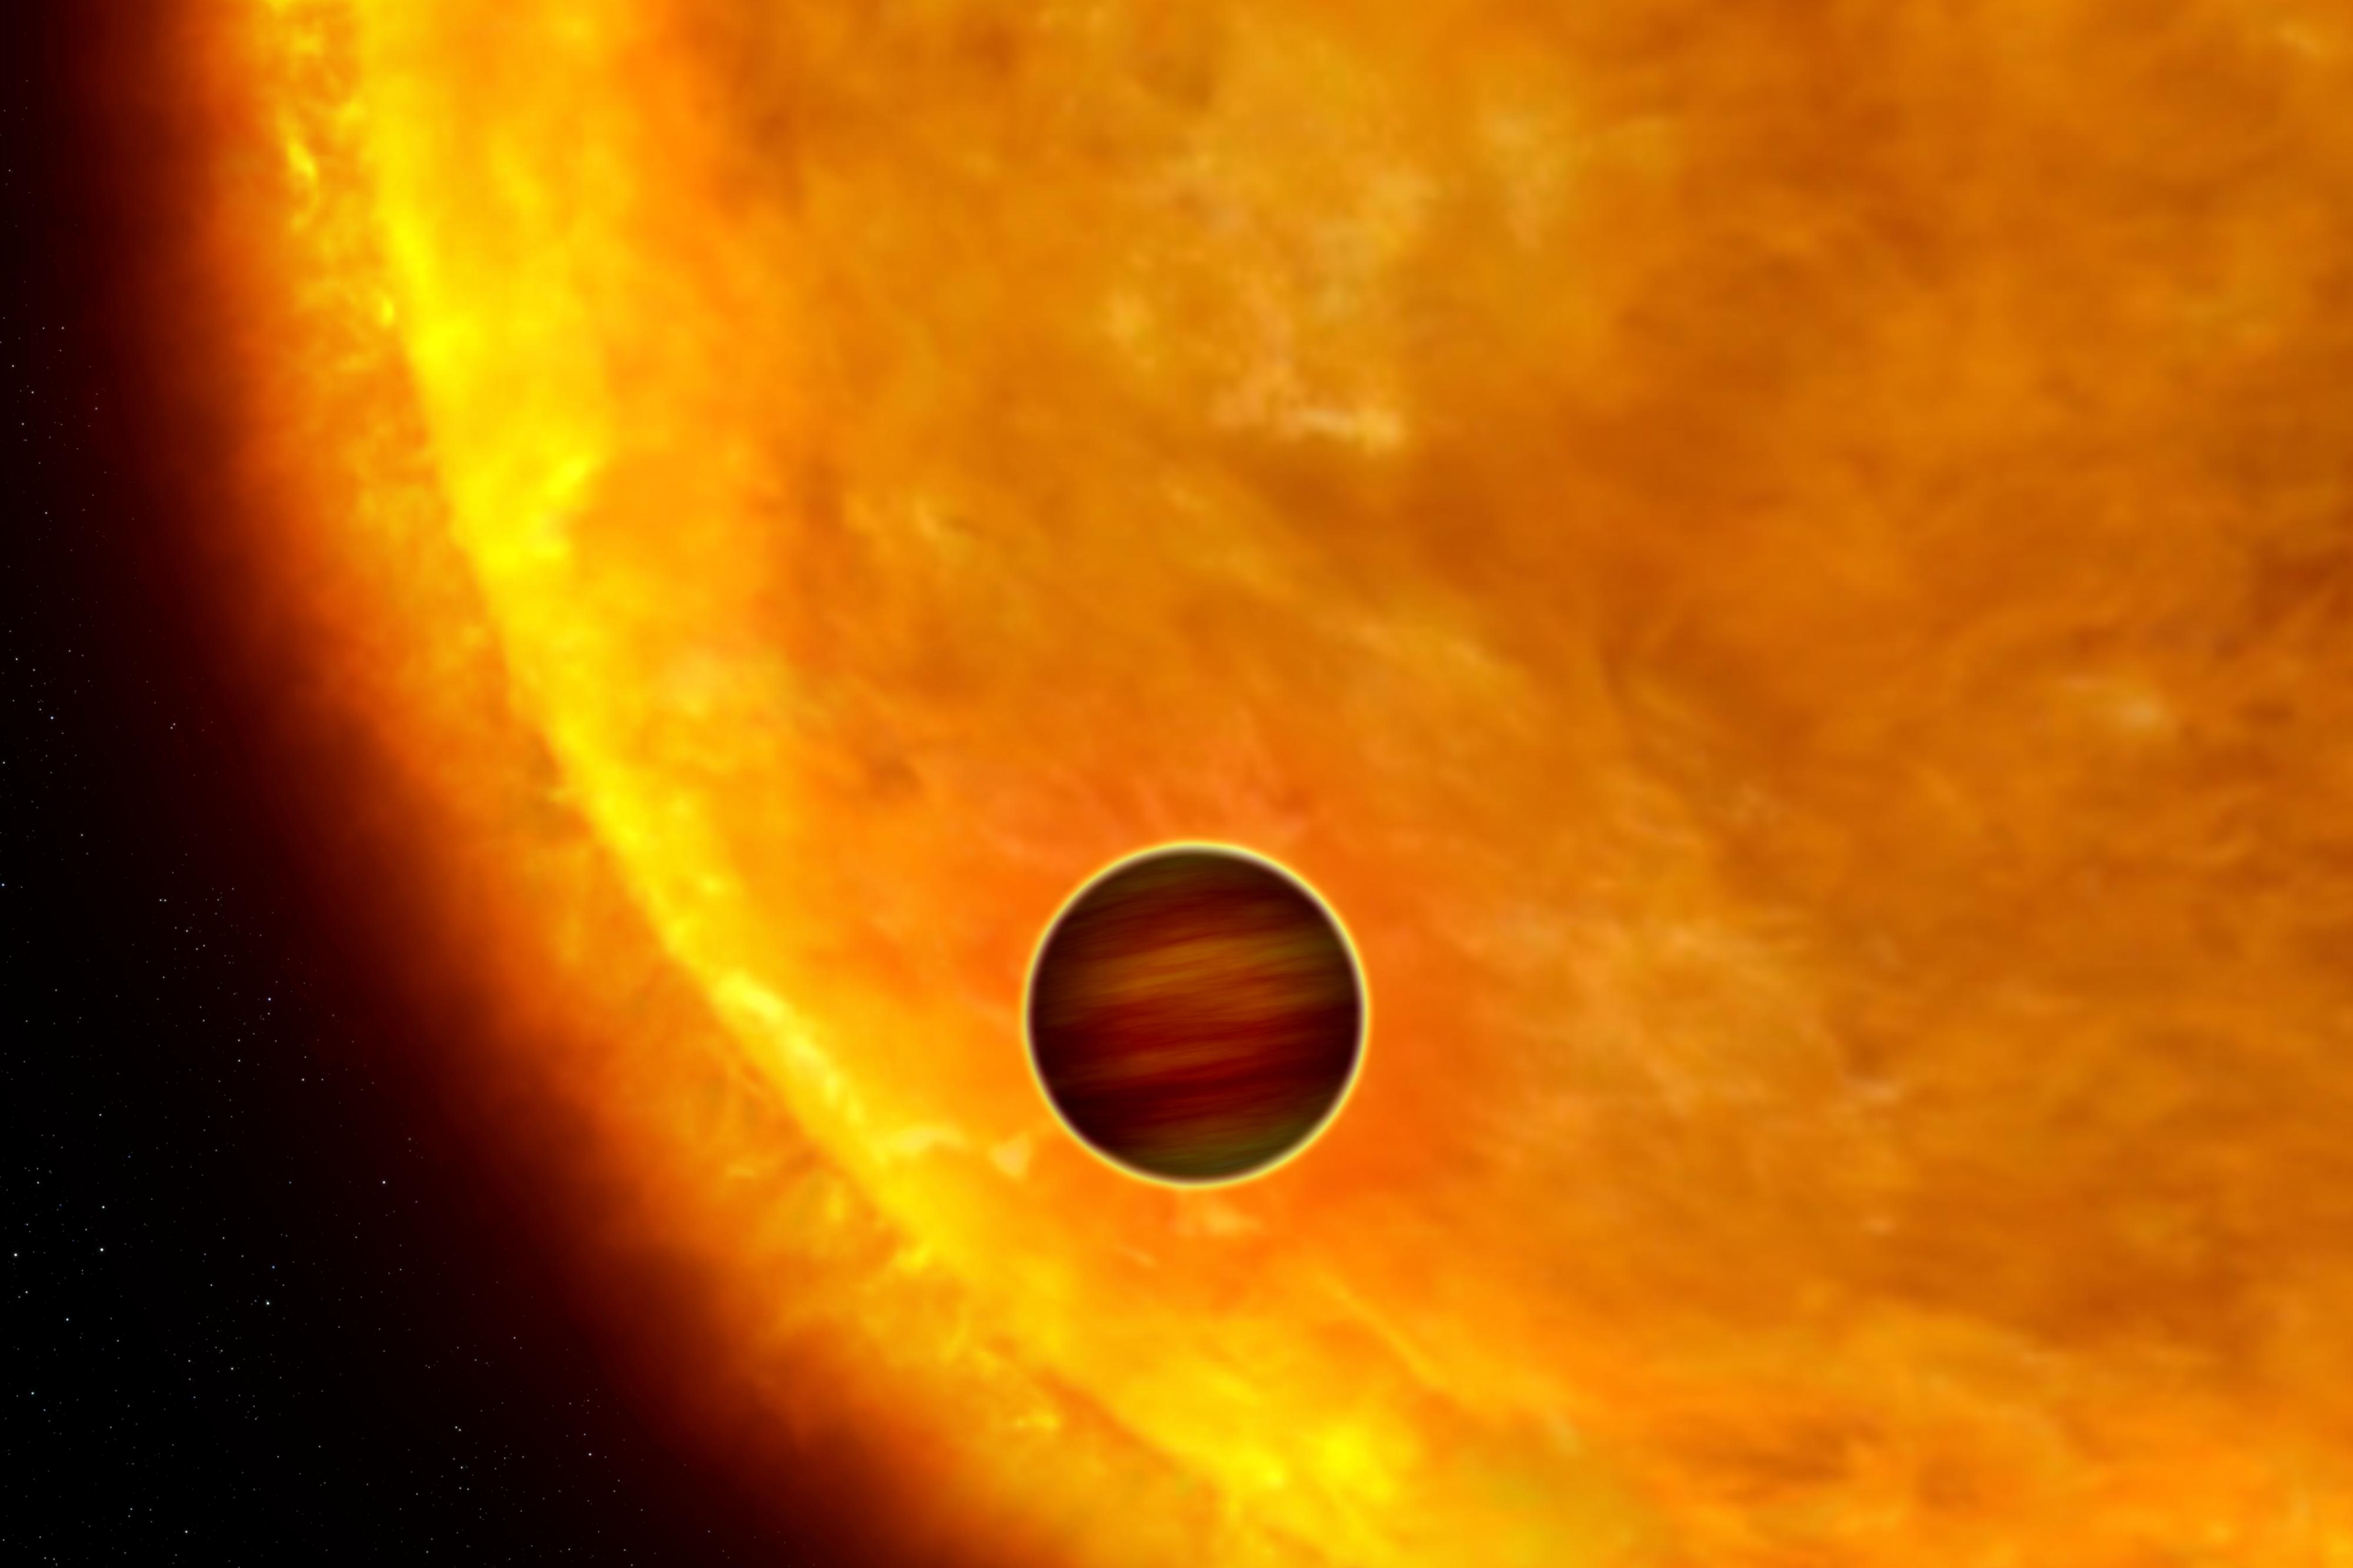 Plato letar exoplaneter med svenska kamerafilter